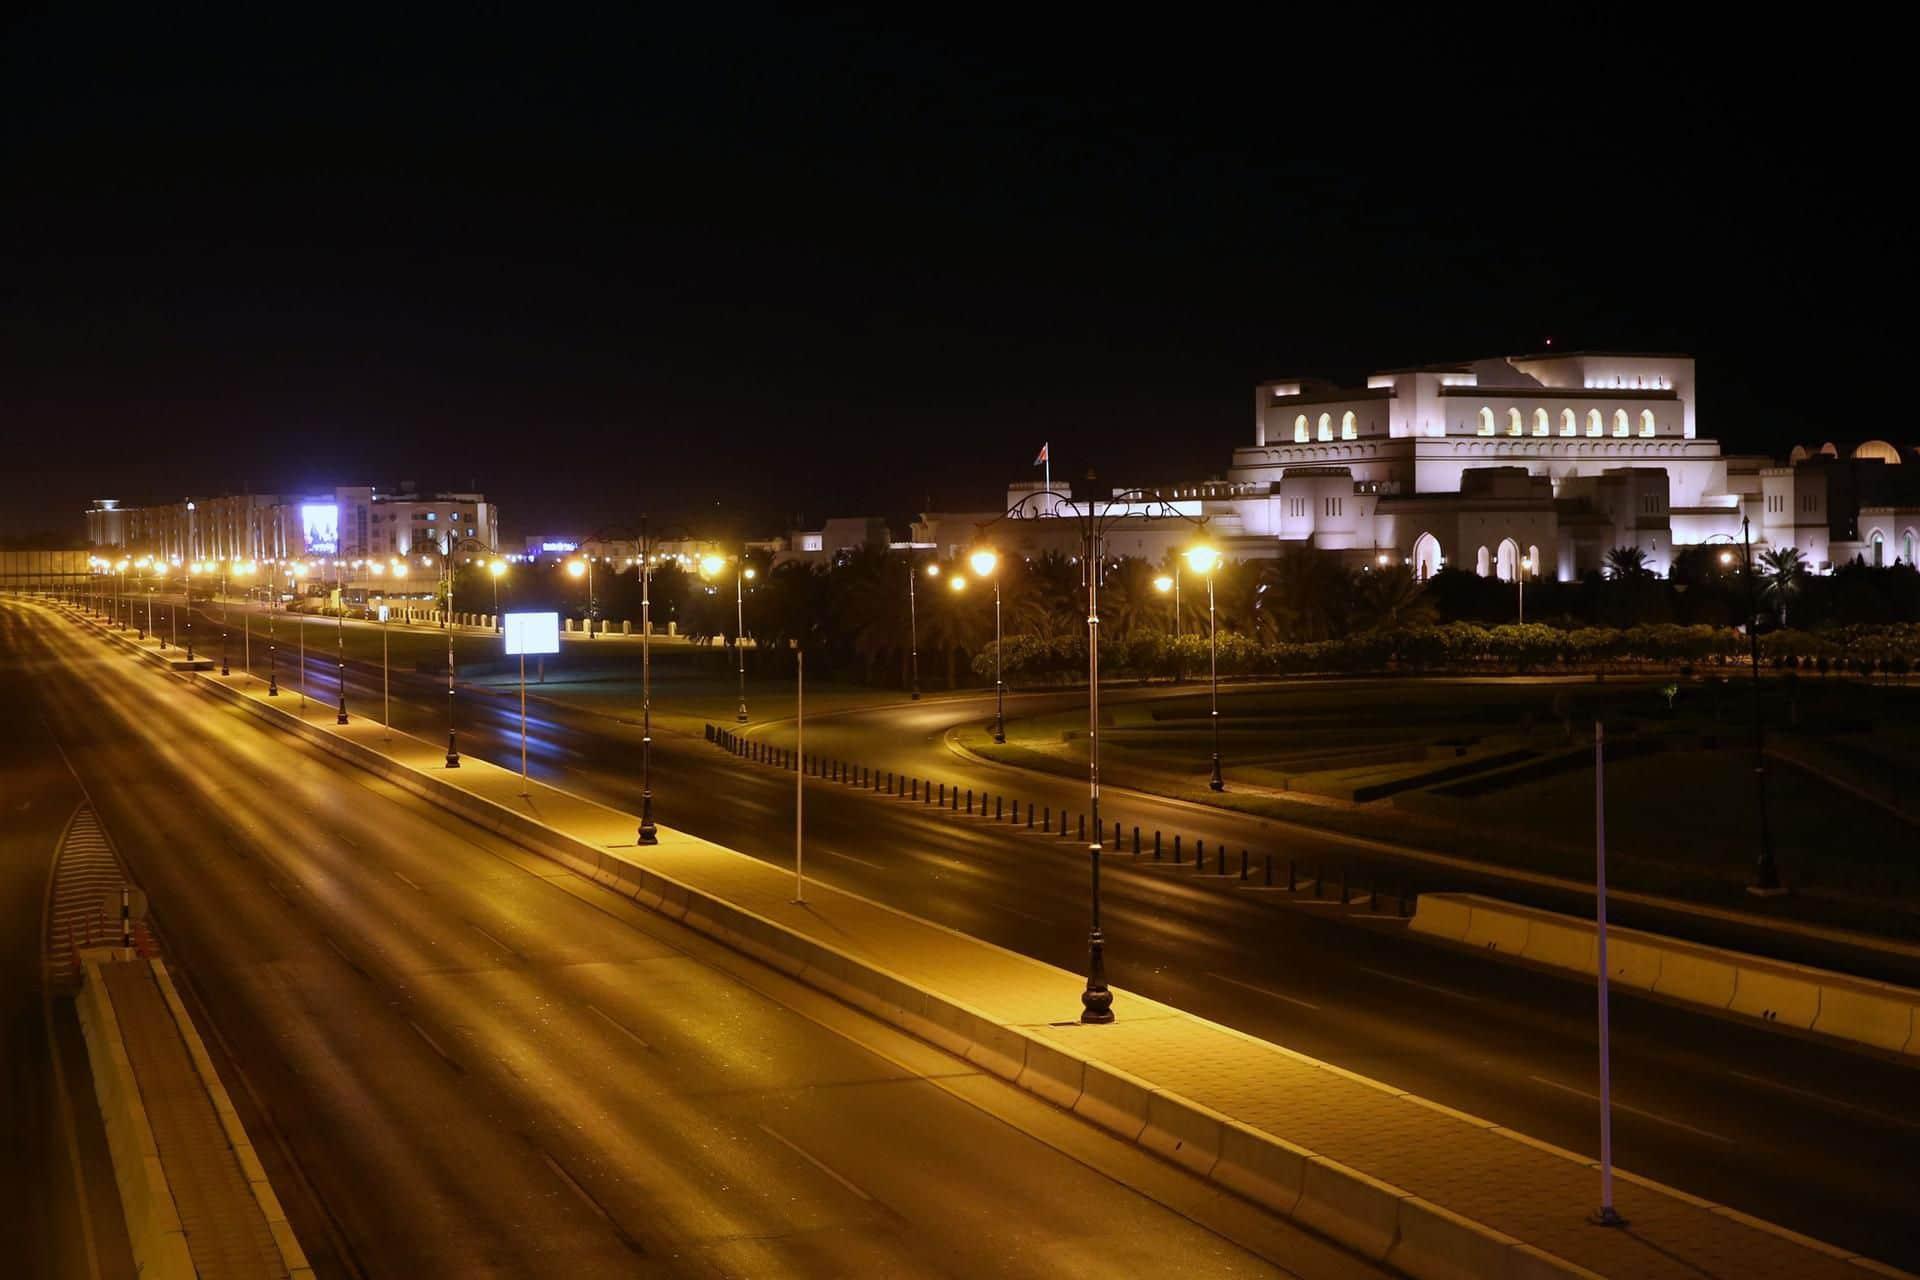 اللجنة العليا في سلطنة عمان تحث على الالتزام بقرارات الإغلاق خلال عيد الأضحى